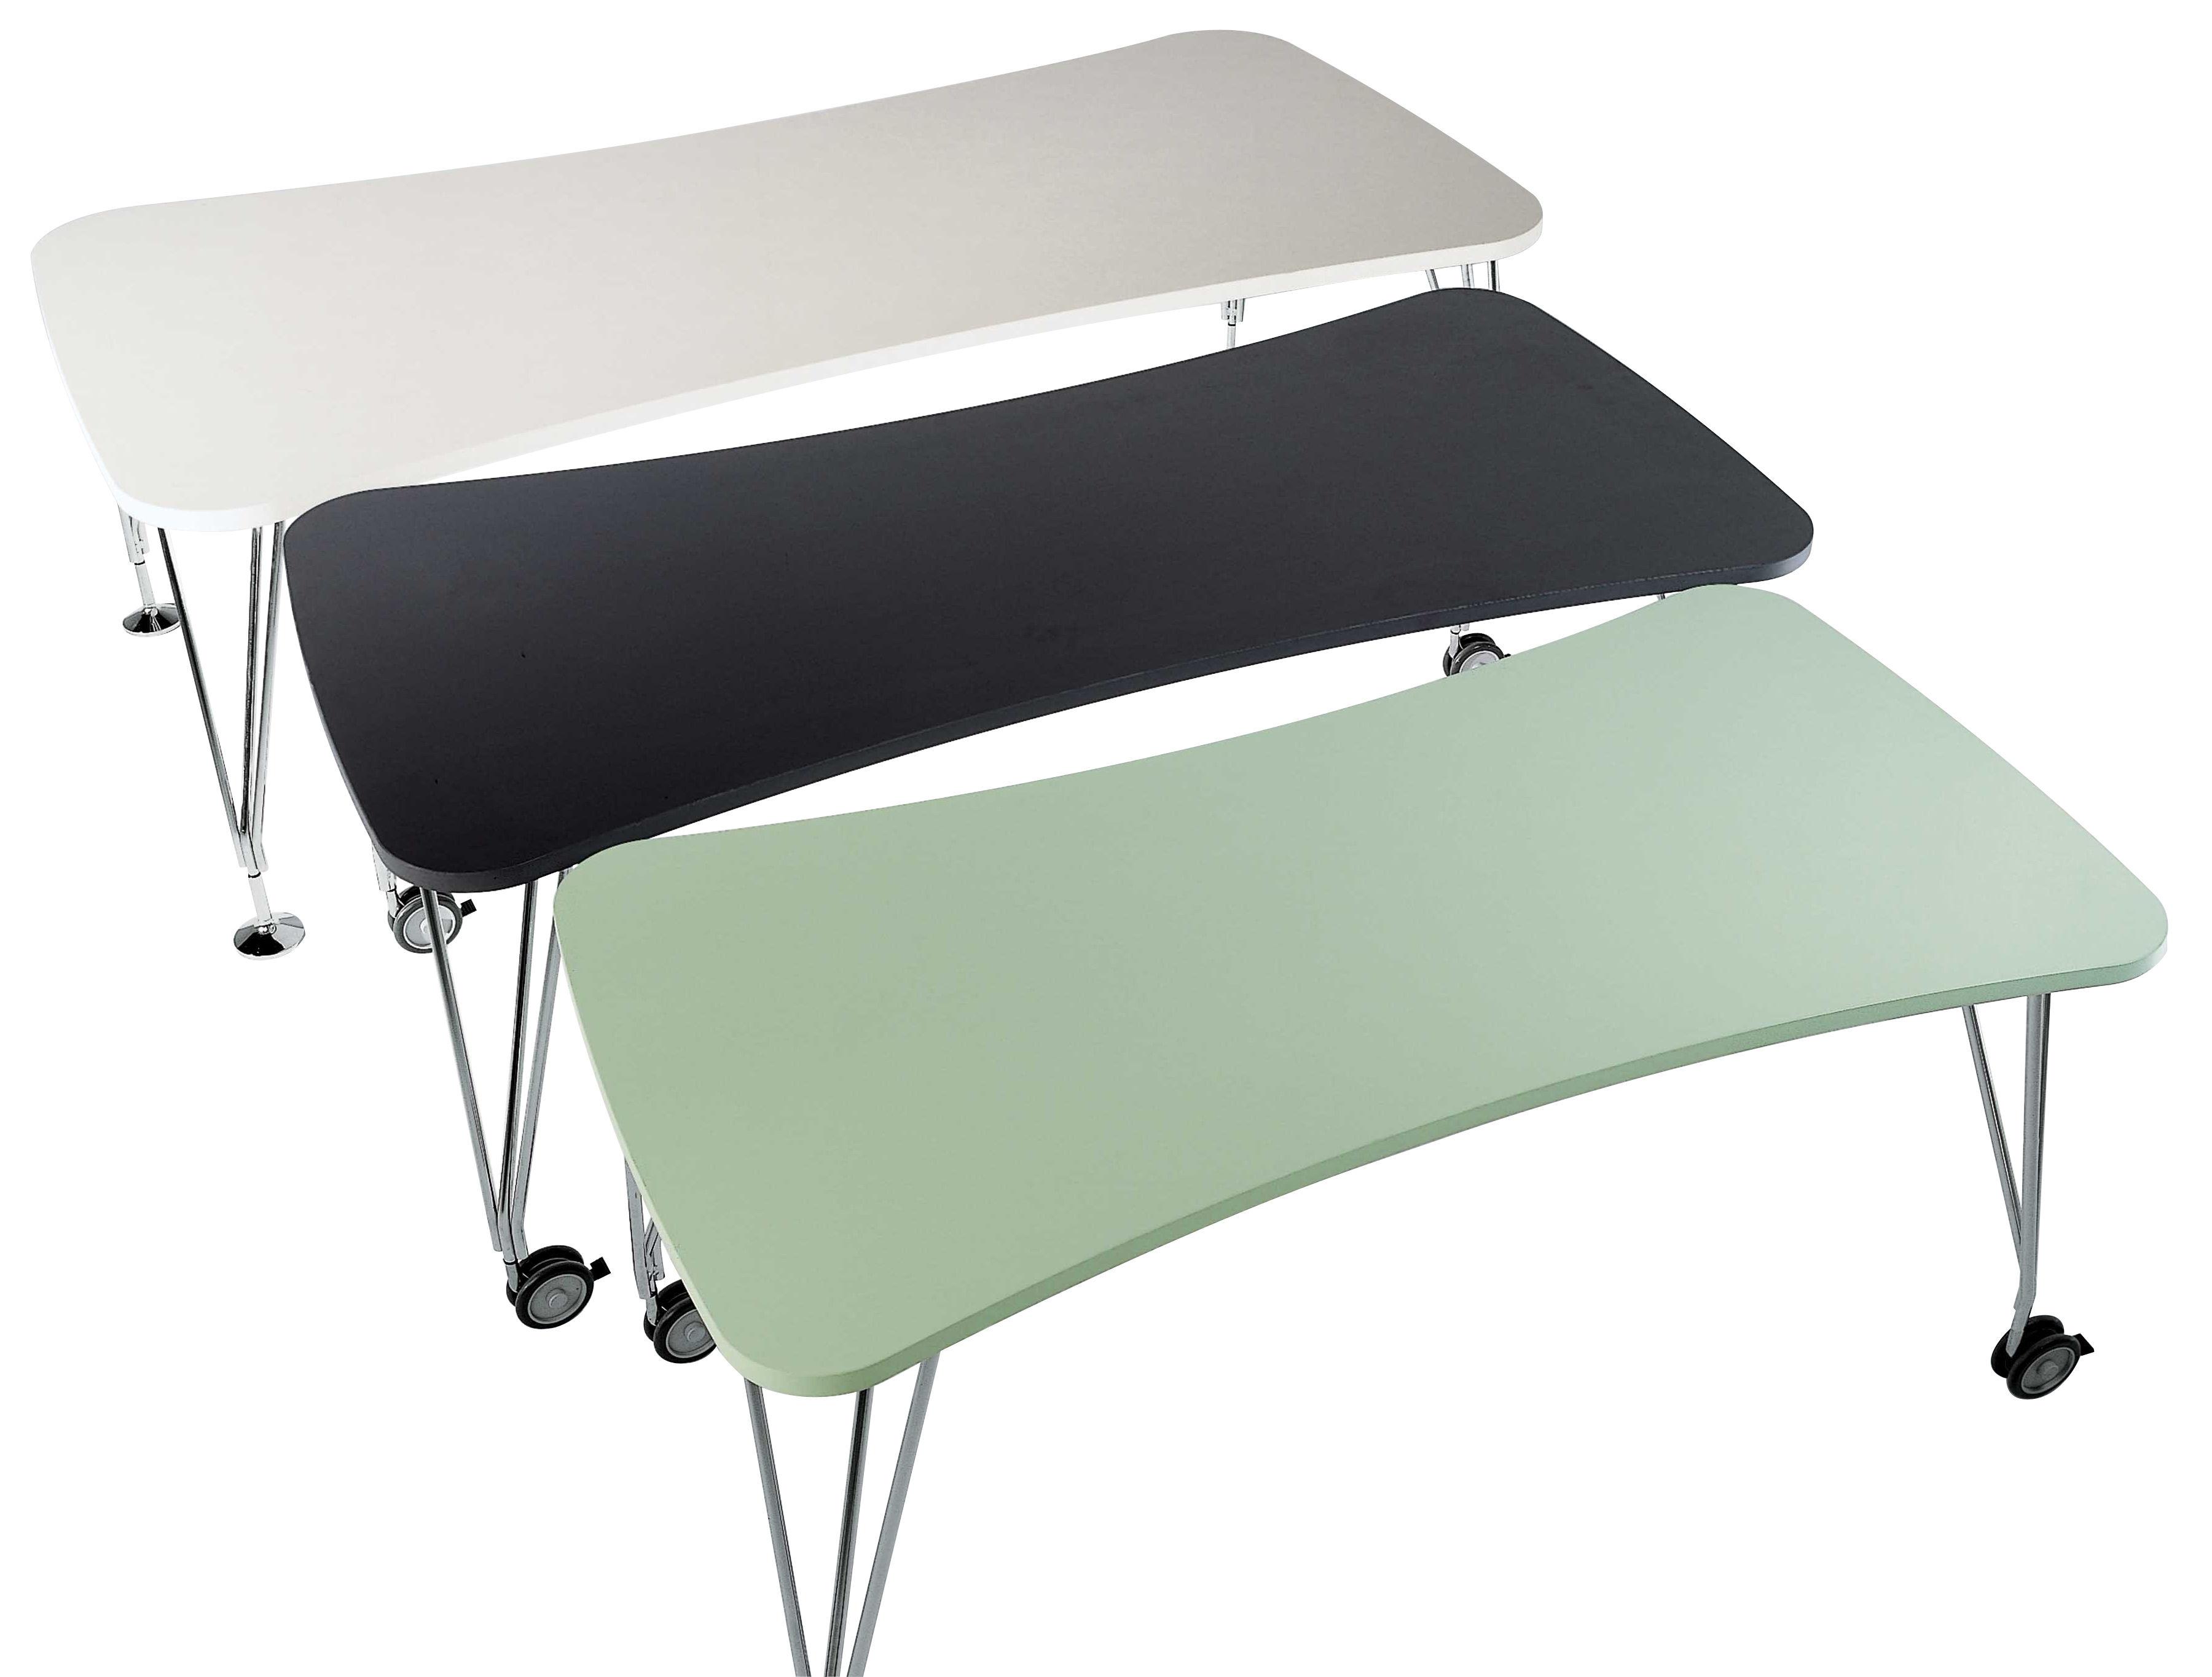 Scopri tavolo max con piedi 160 cm ardesia 160 cm di - Tavolo four kartell prezzo ...